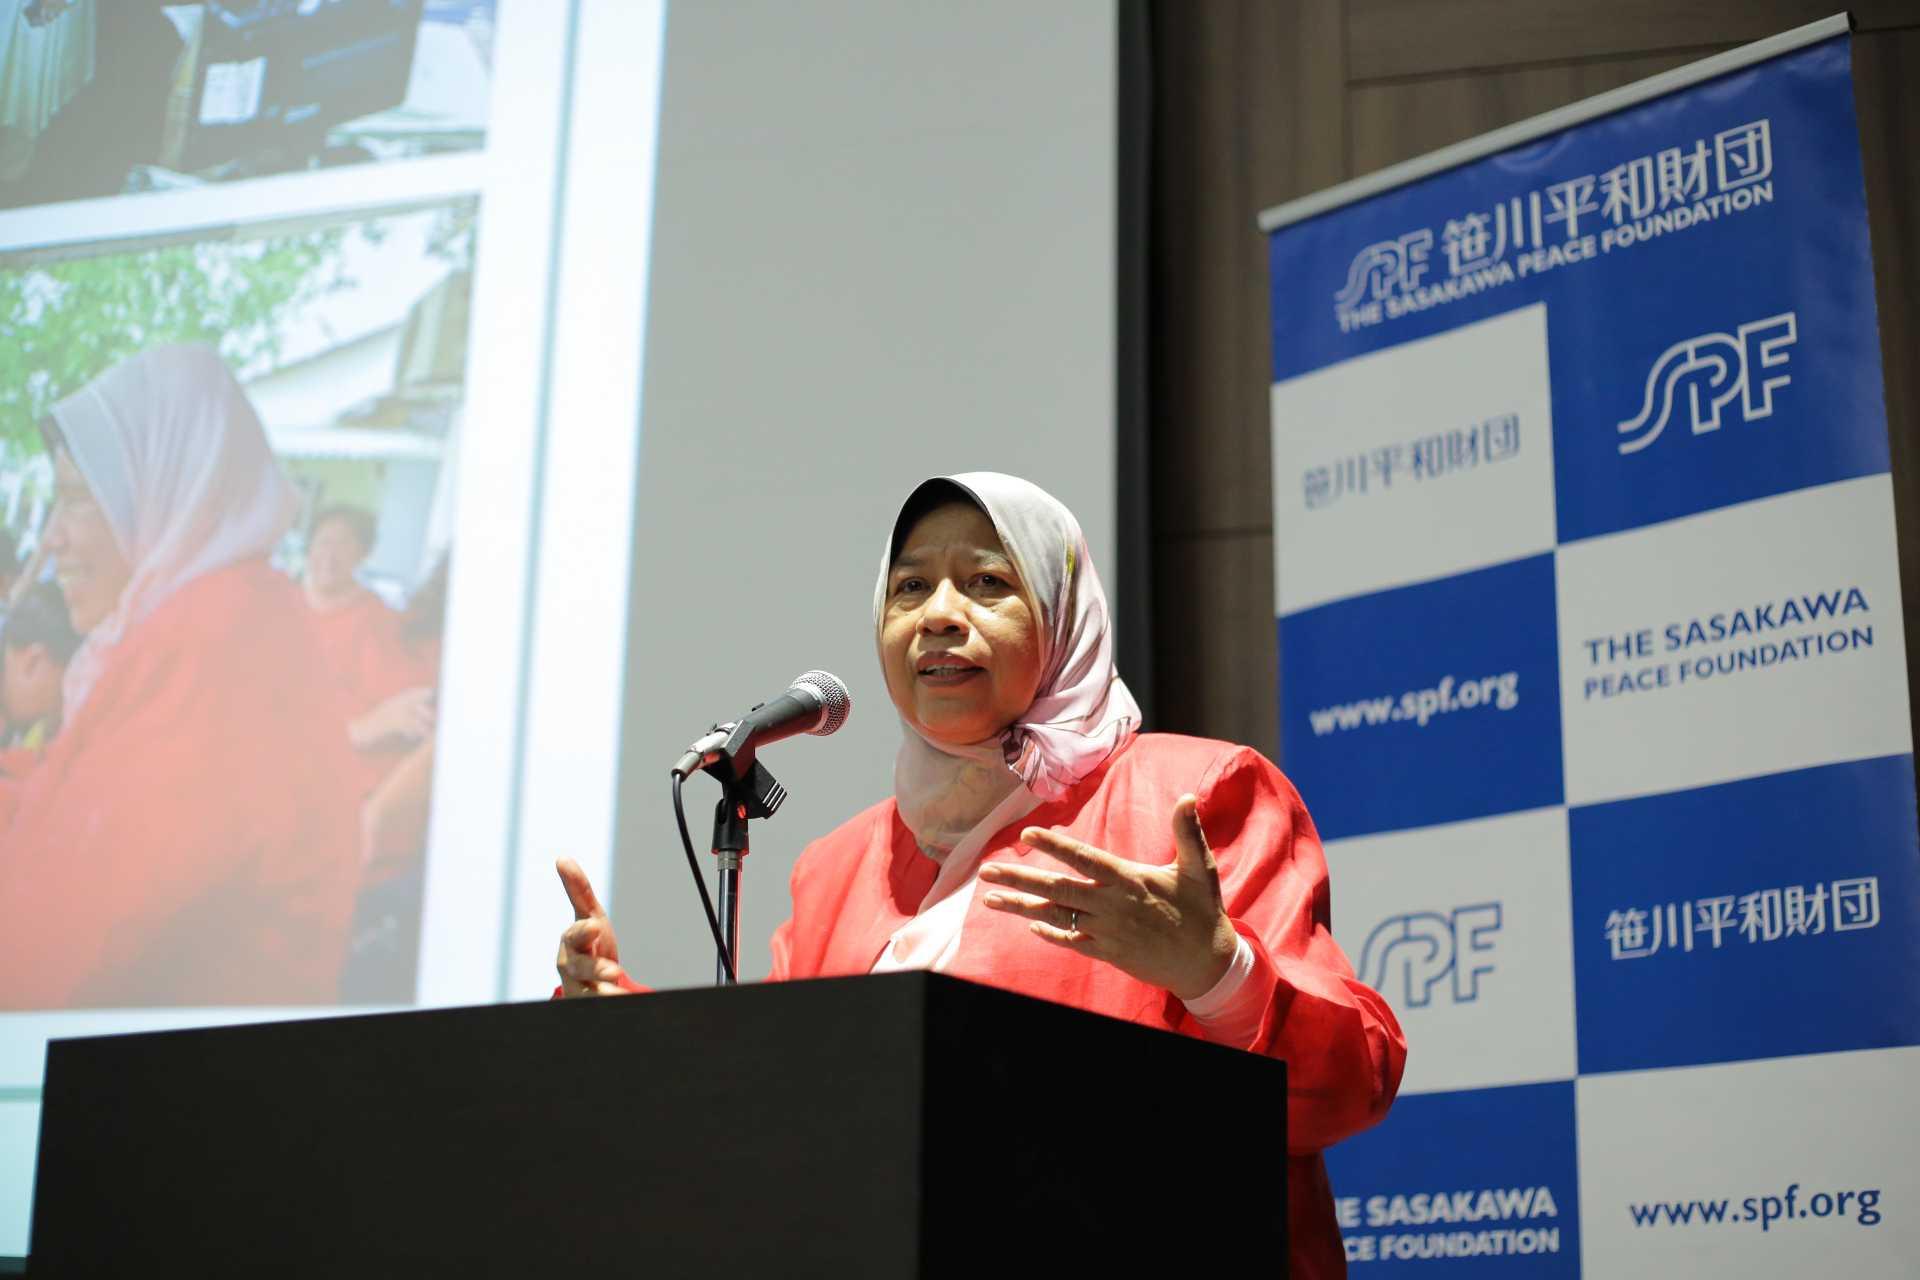 ズライダ・カマルディン(マレーシア住宅・地方政府大臣)